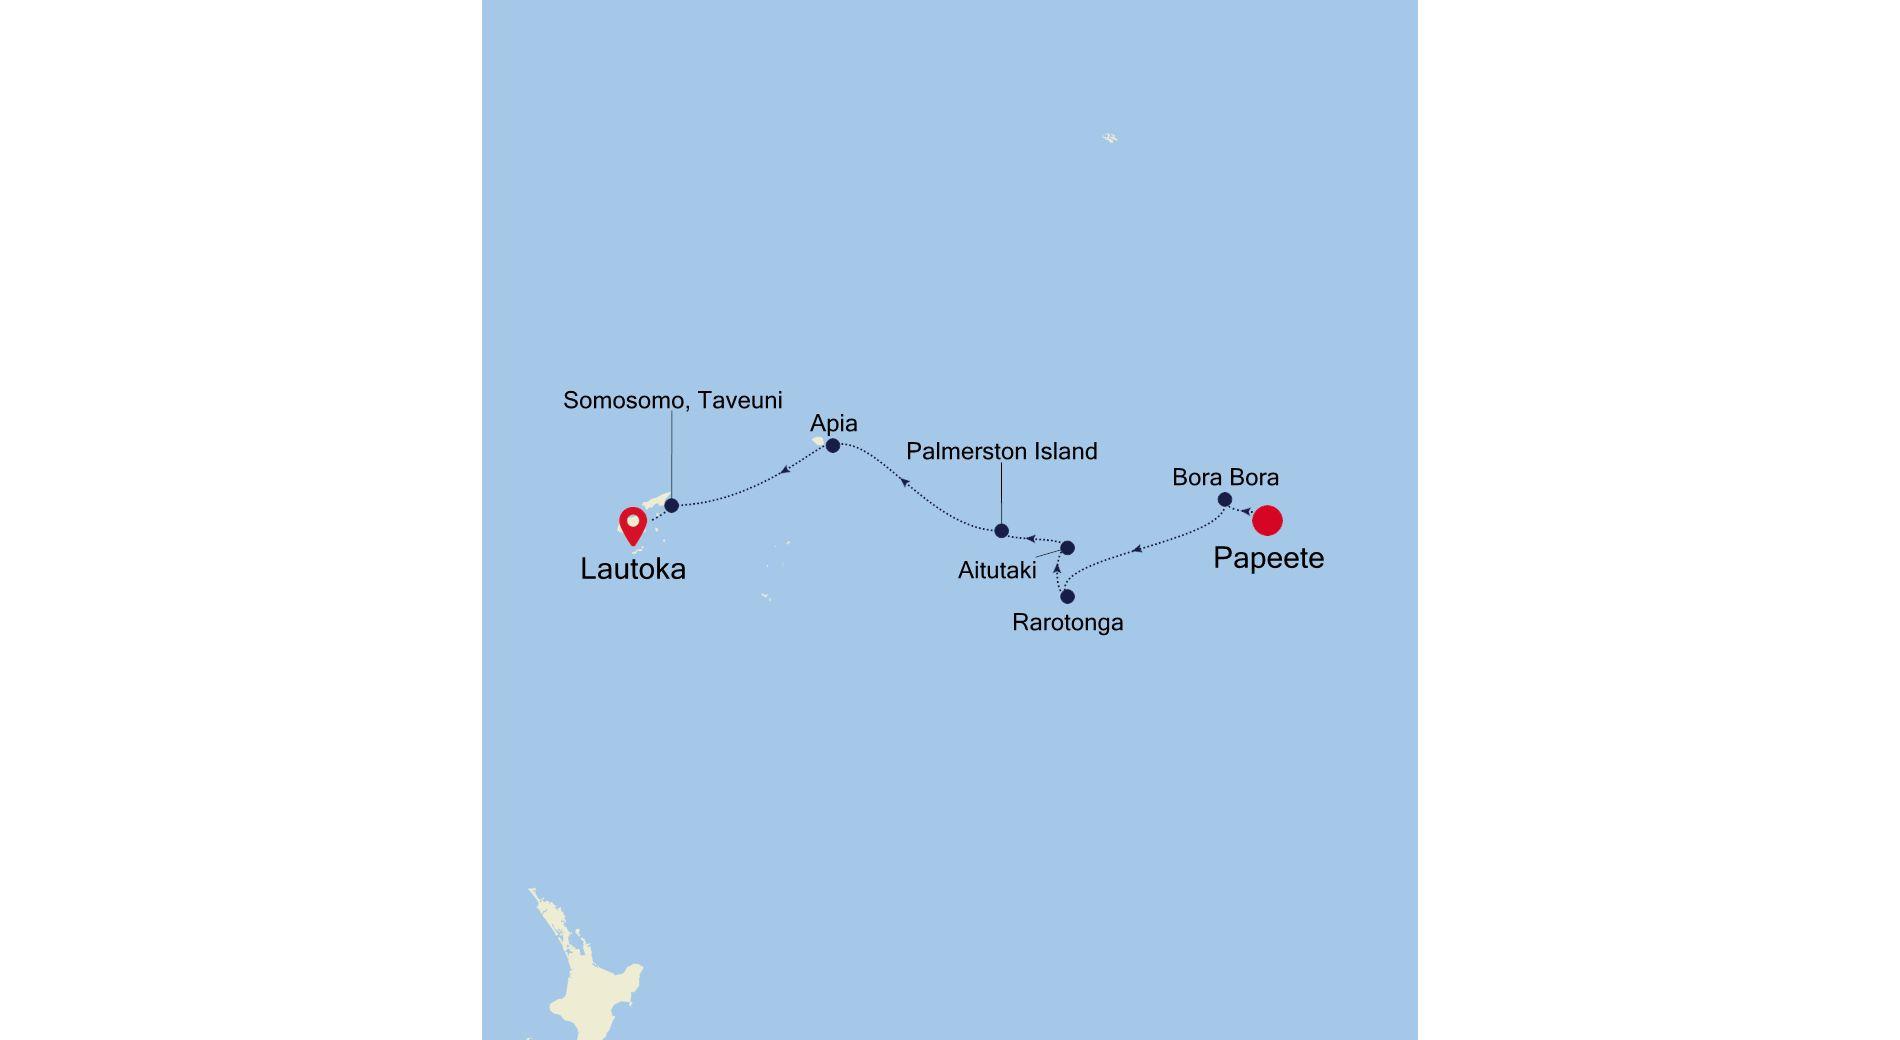 E4220306011 - Papeete a Lautoka